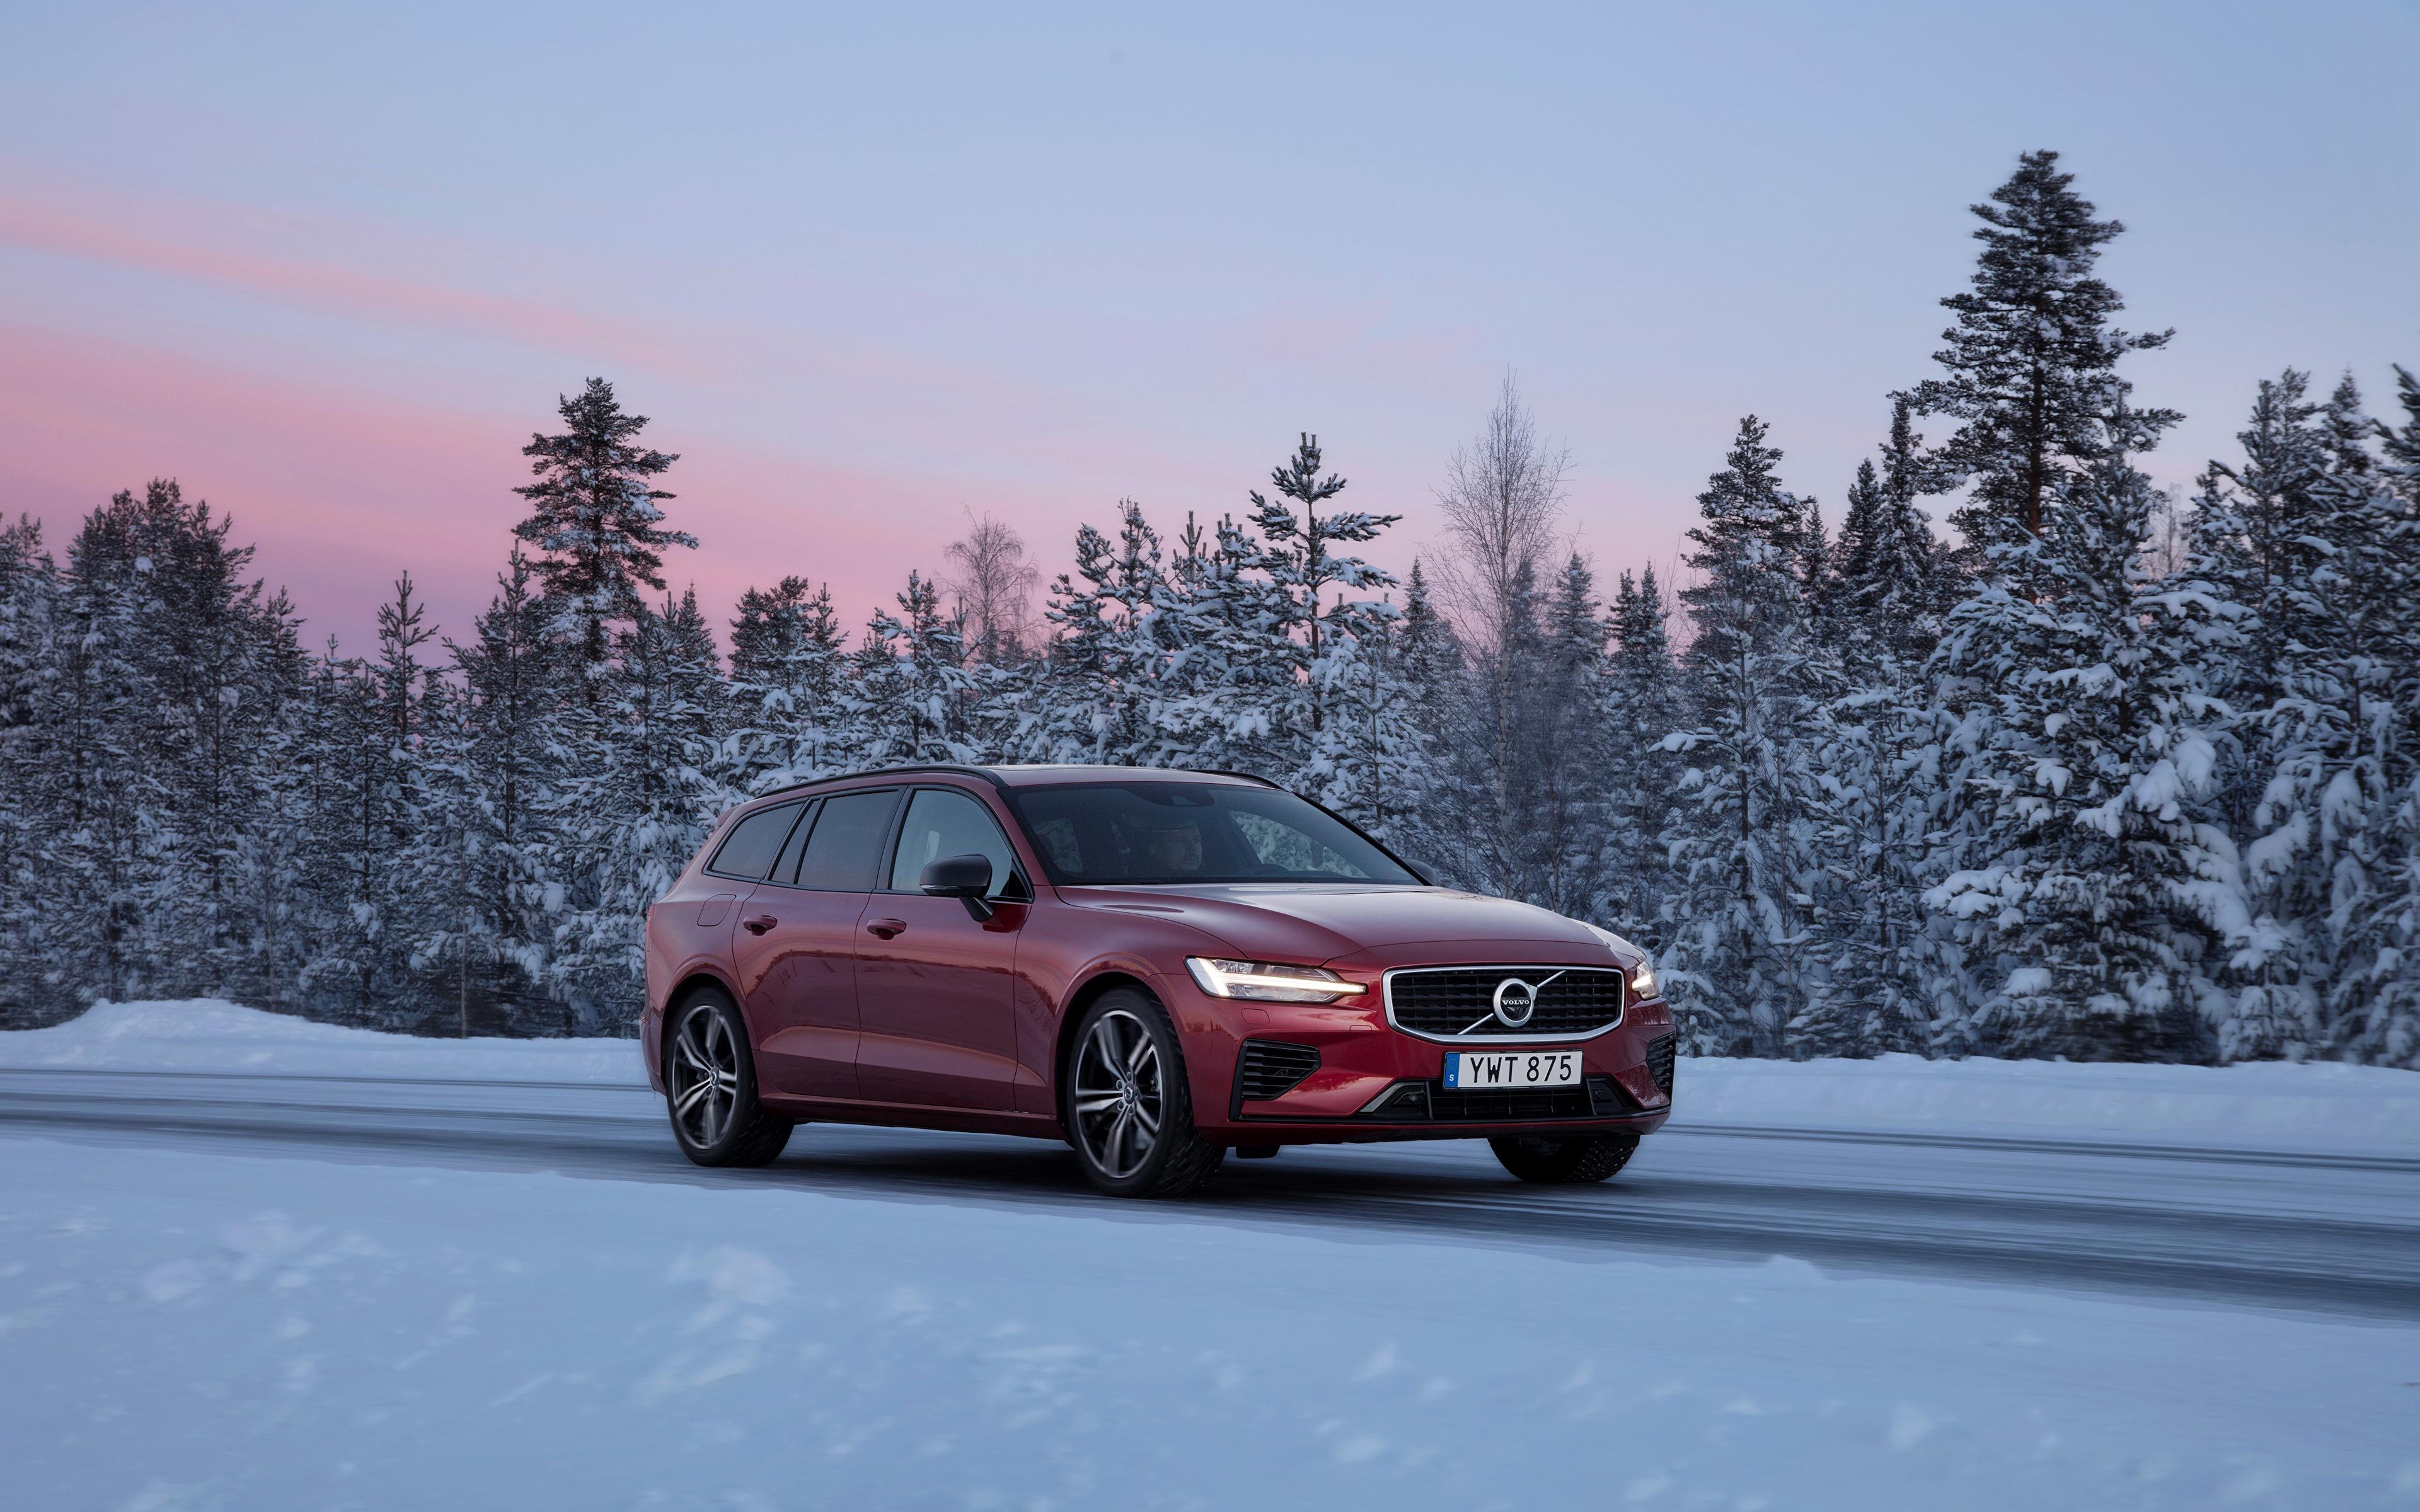 Картинки Вольво 2018-19 V60 T8 R-Design Worldwide бордовые авто Металлик 3840x2400 Volvo бордовая Бордовый темно красный машина машины автомобиль Автомобили